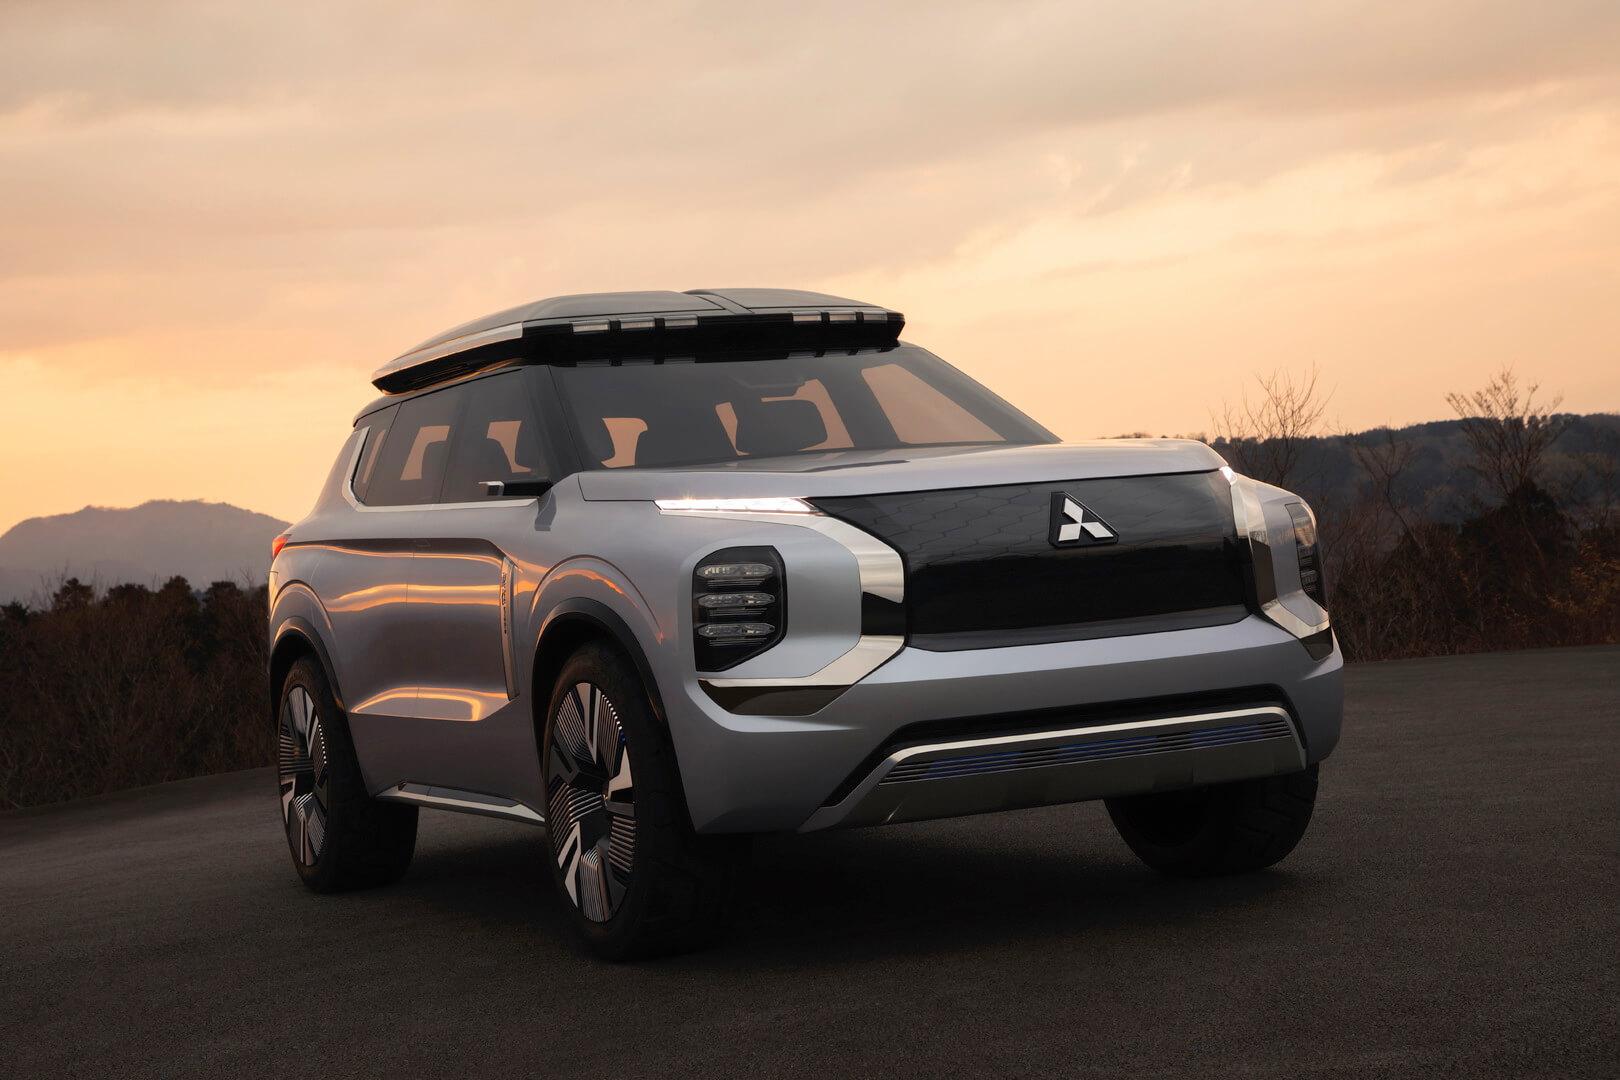 Mitsubishi представила многофункциональный плагин-гибрид Engelberg Tourer